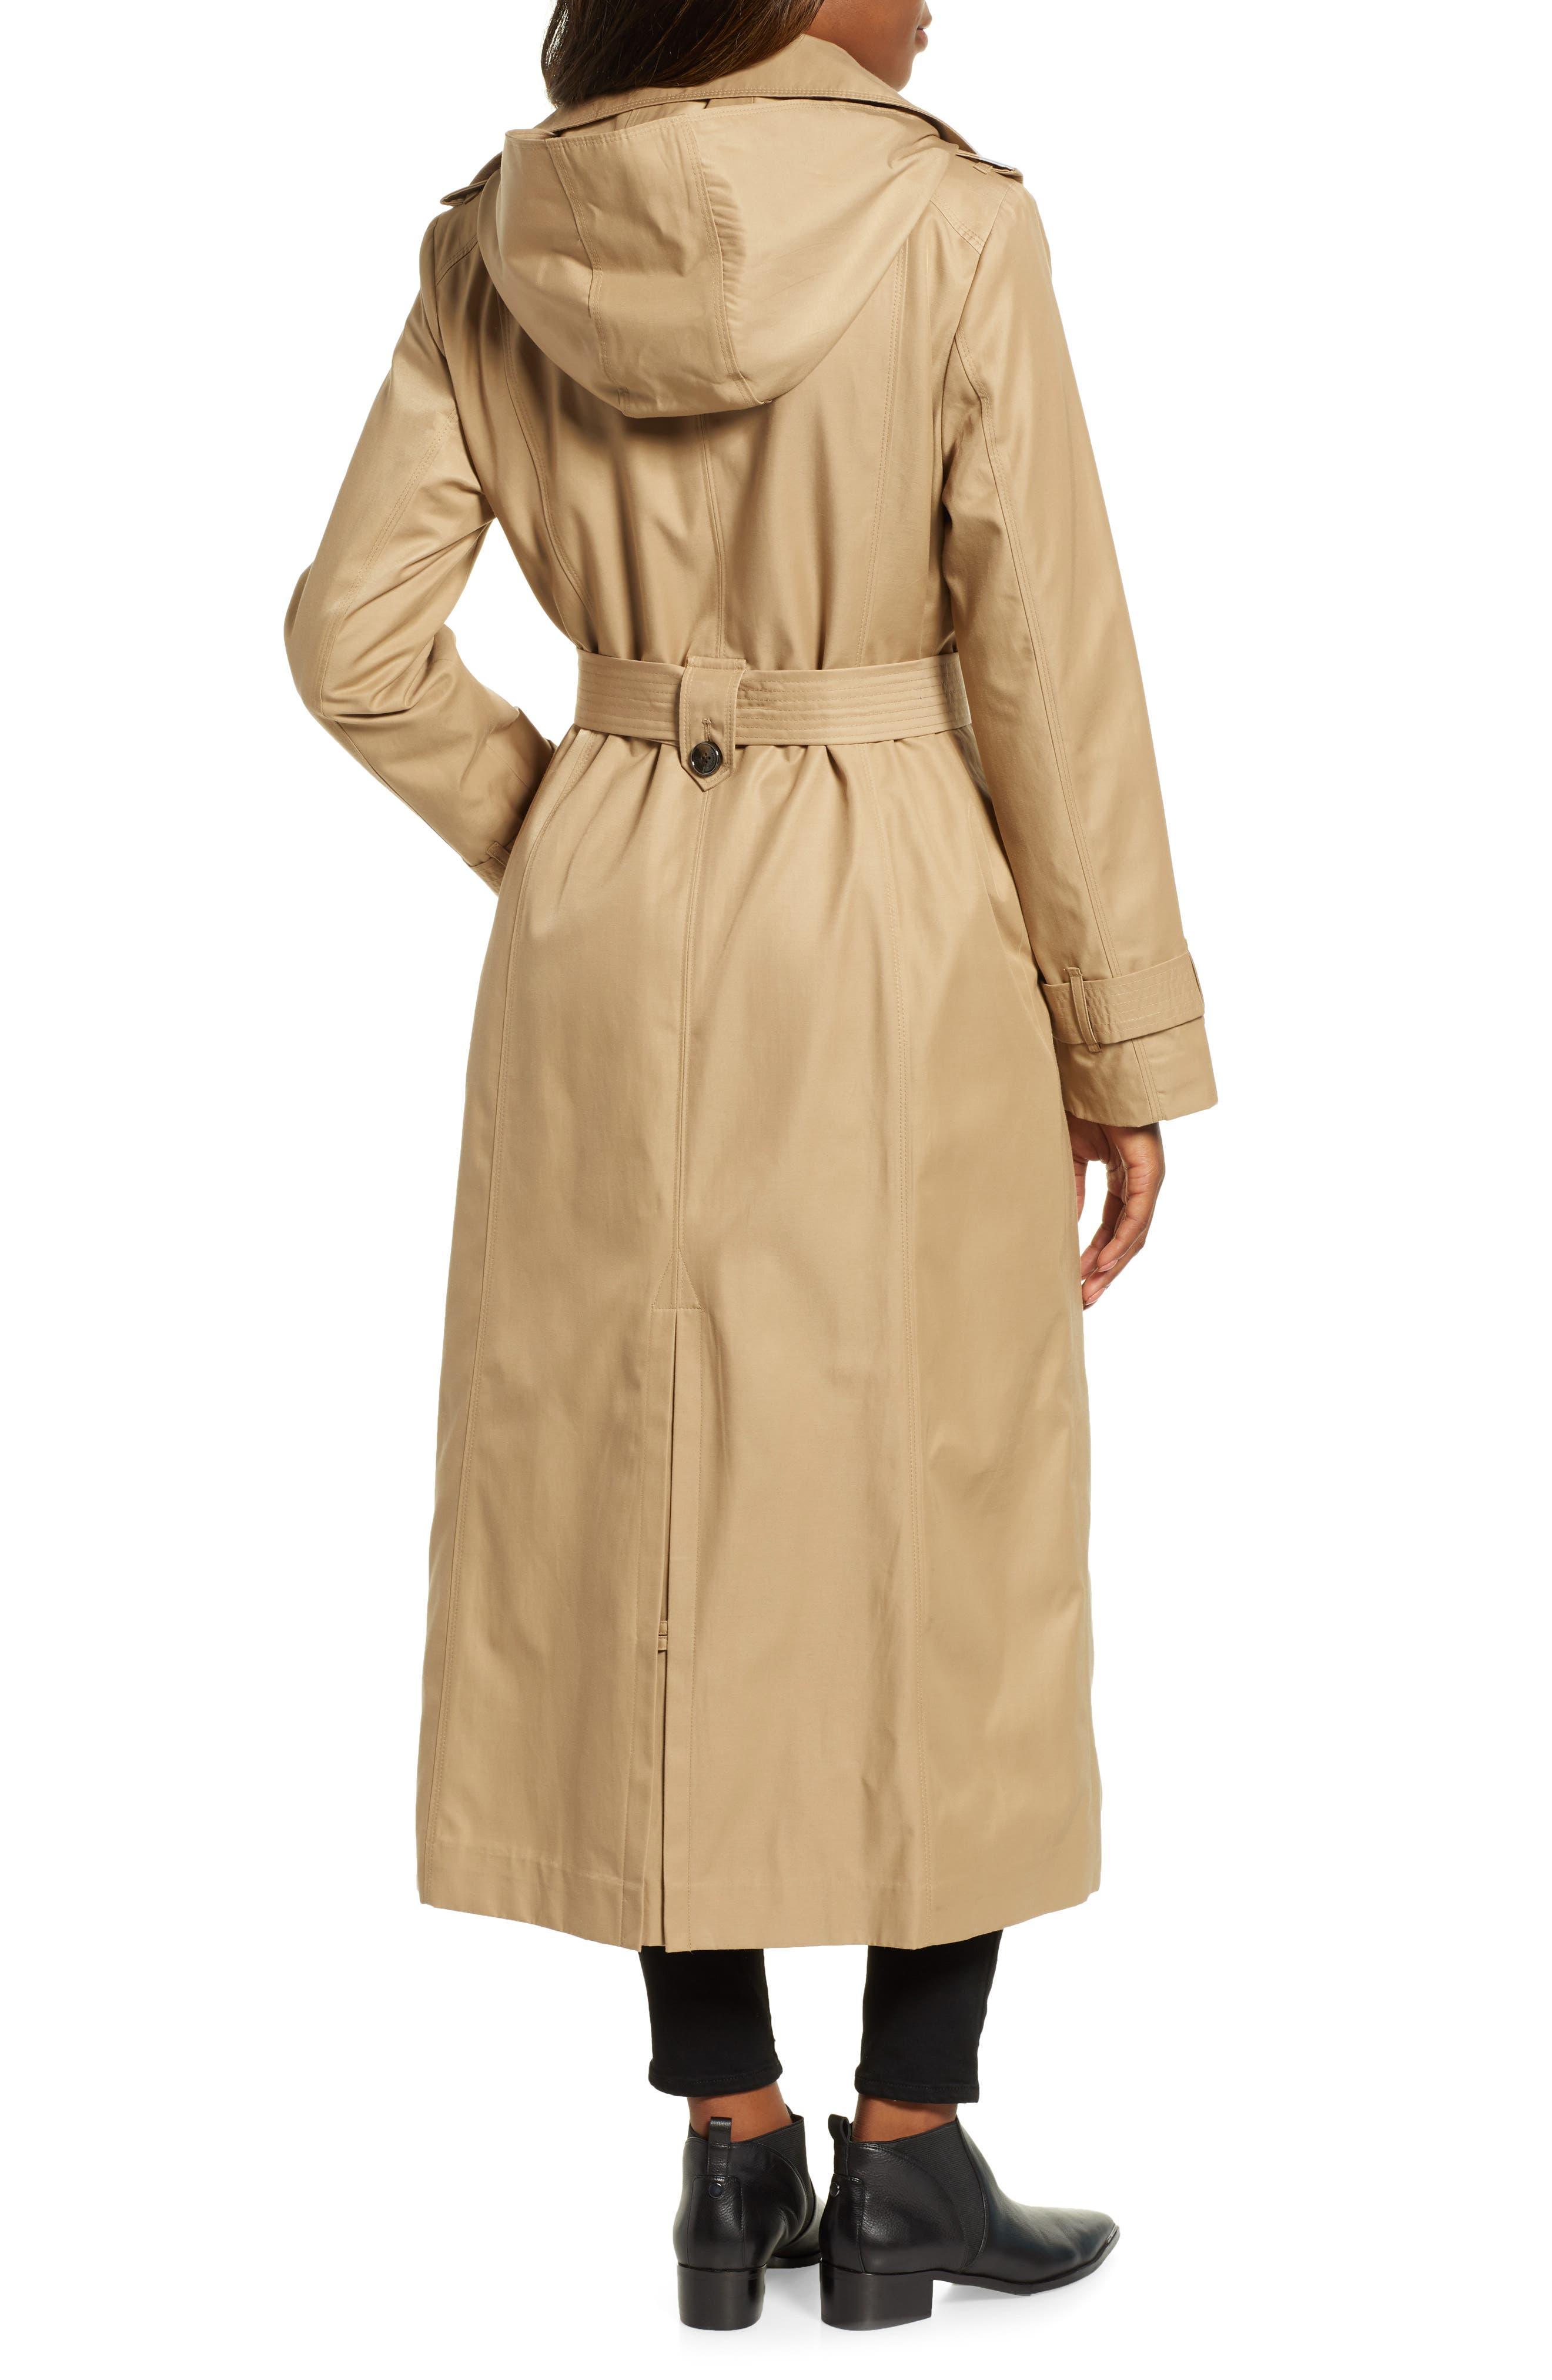 LONDON FOG, Jill Long Trench Coat, Alternate thumbnail 2, color, KHAKI